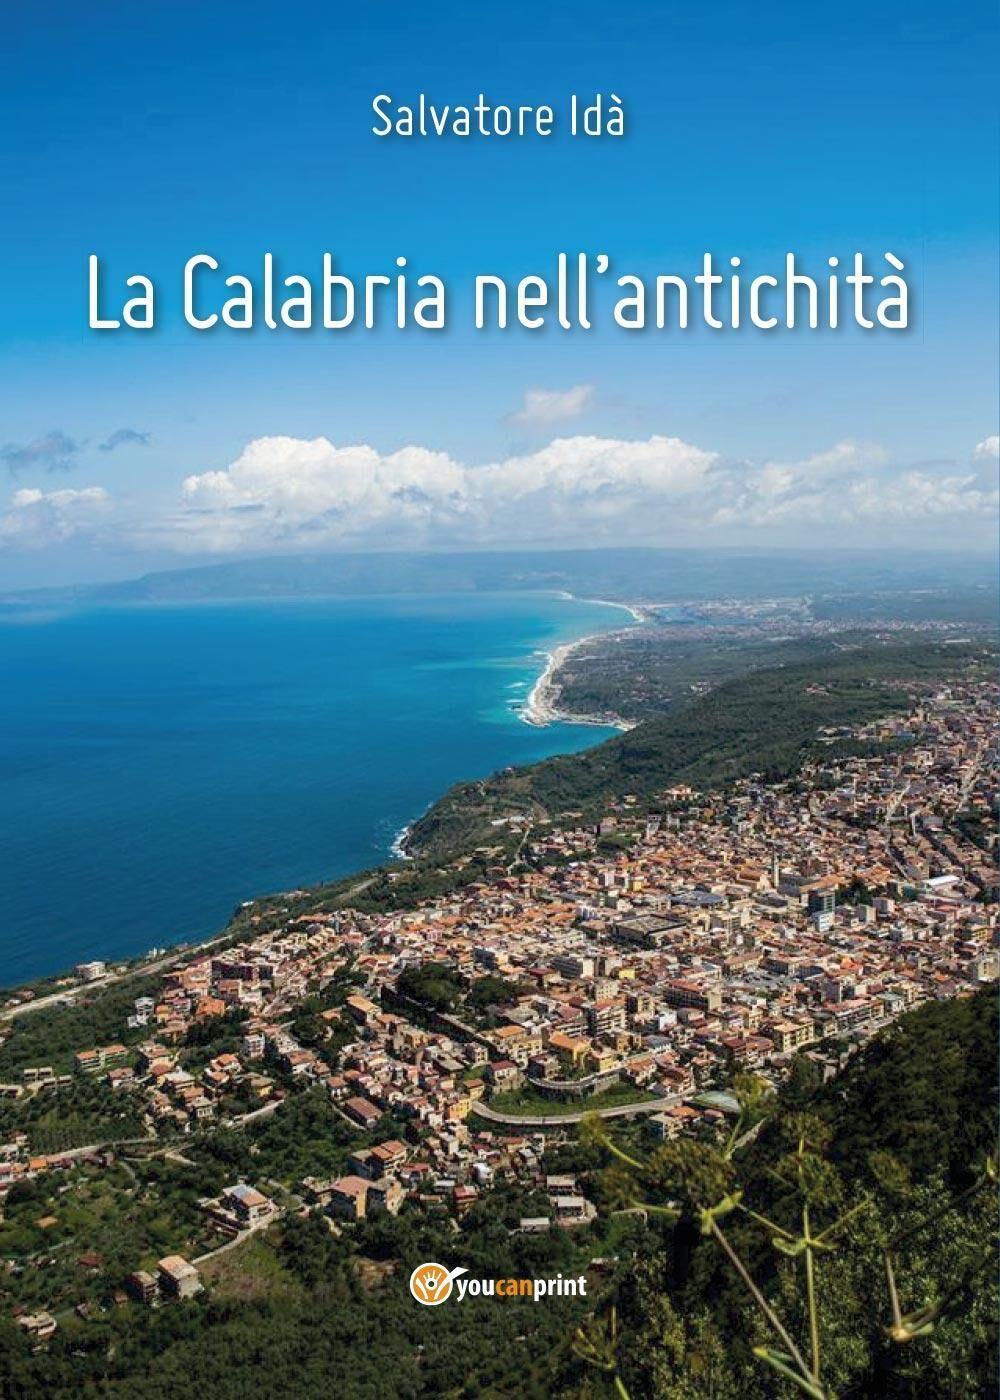 La Calabria nell'antichità